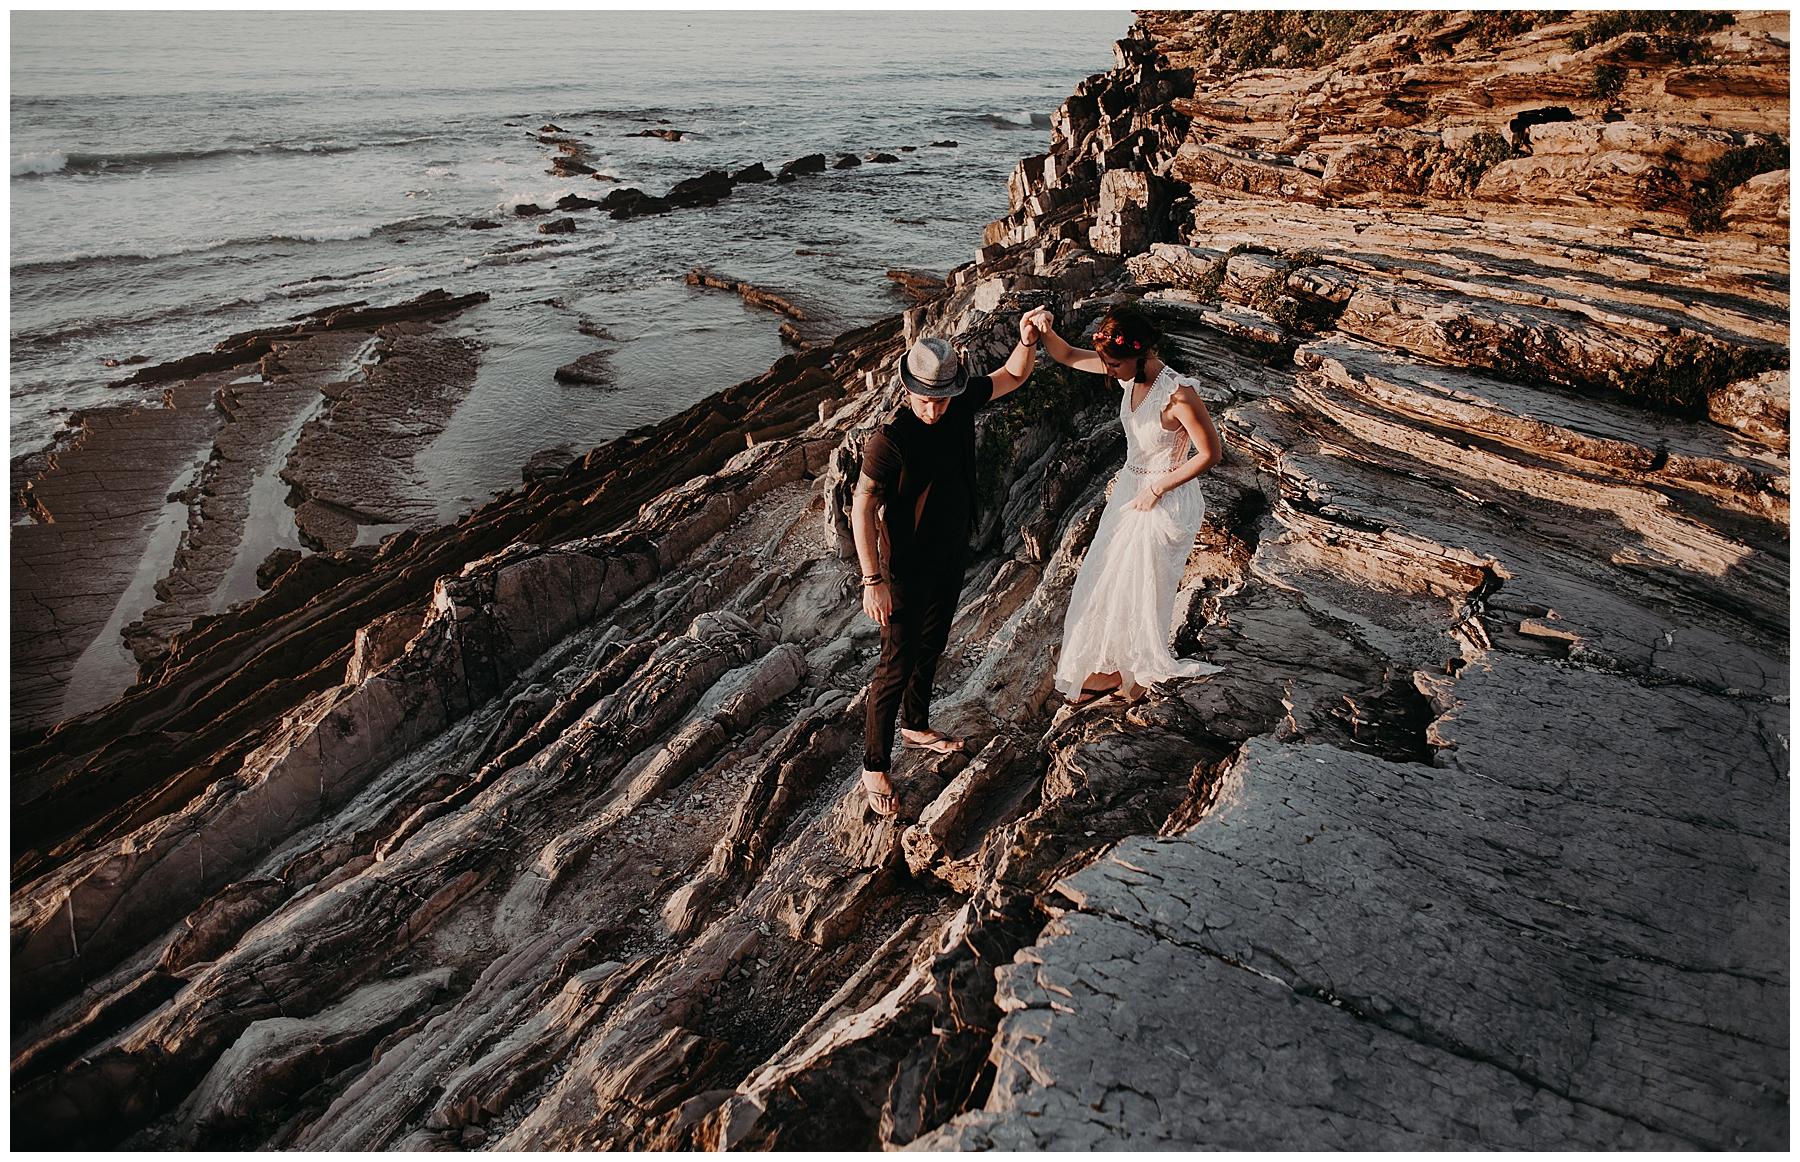 séance photo couple au pays basque